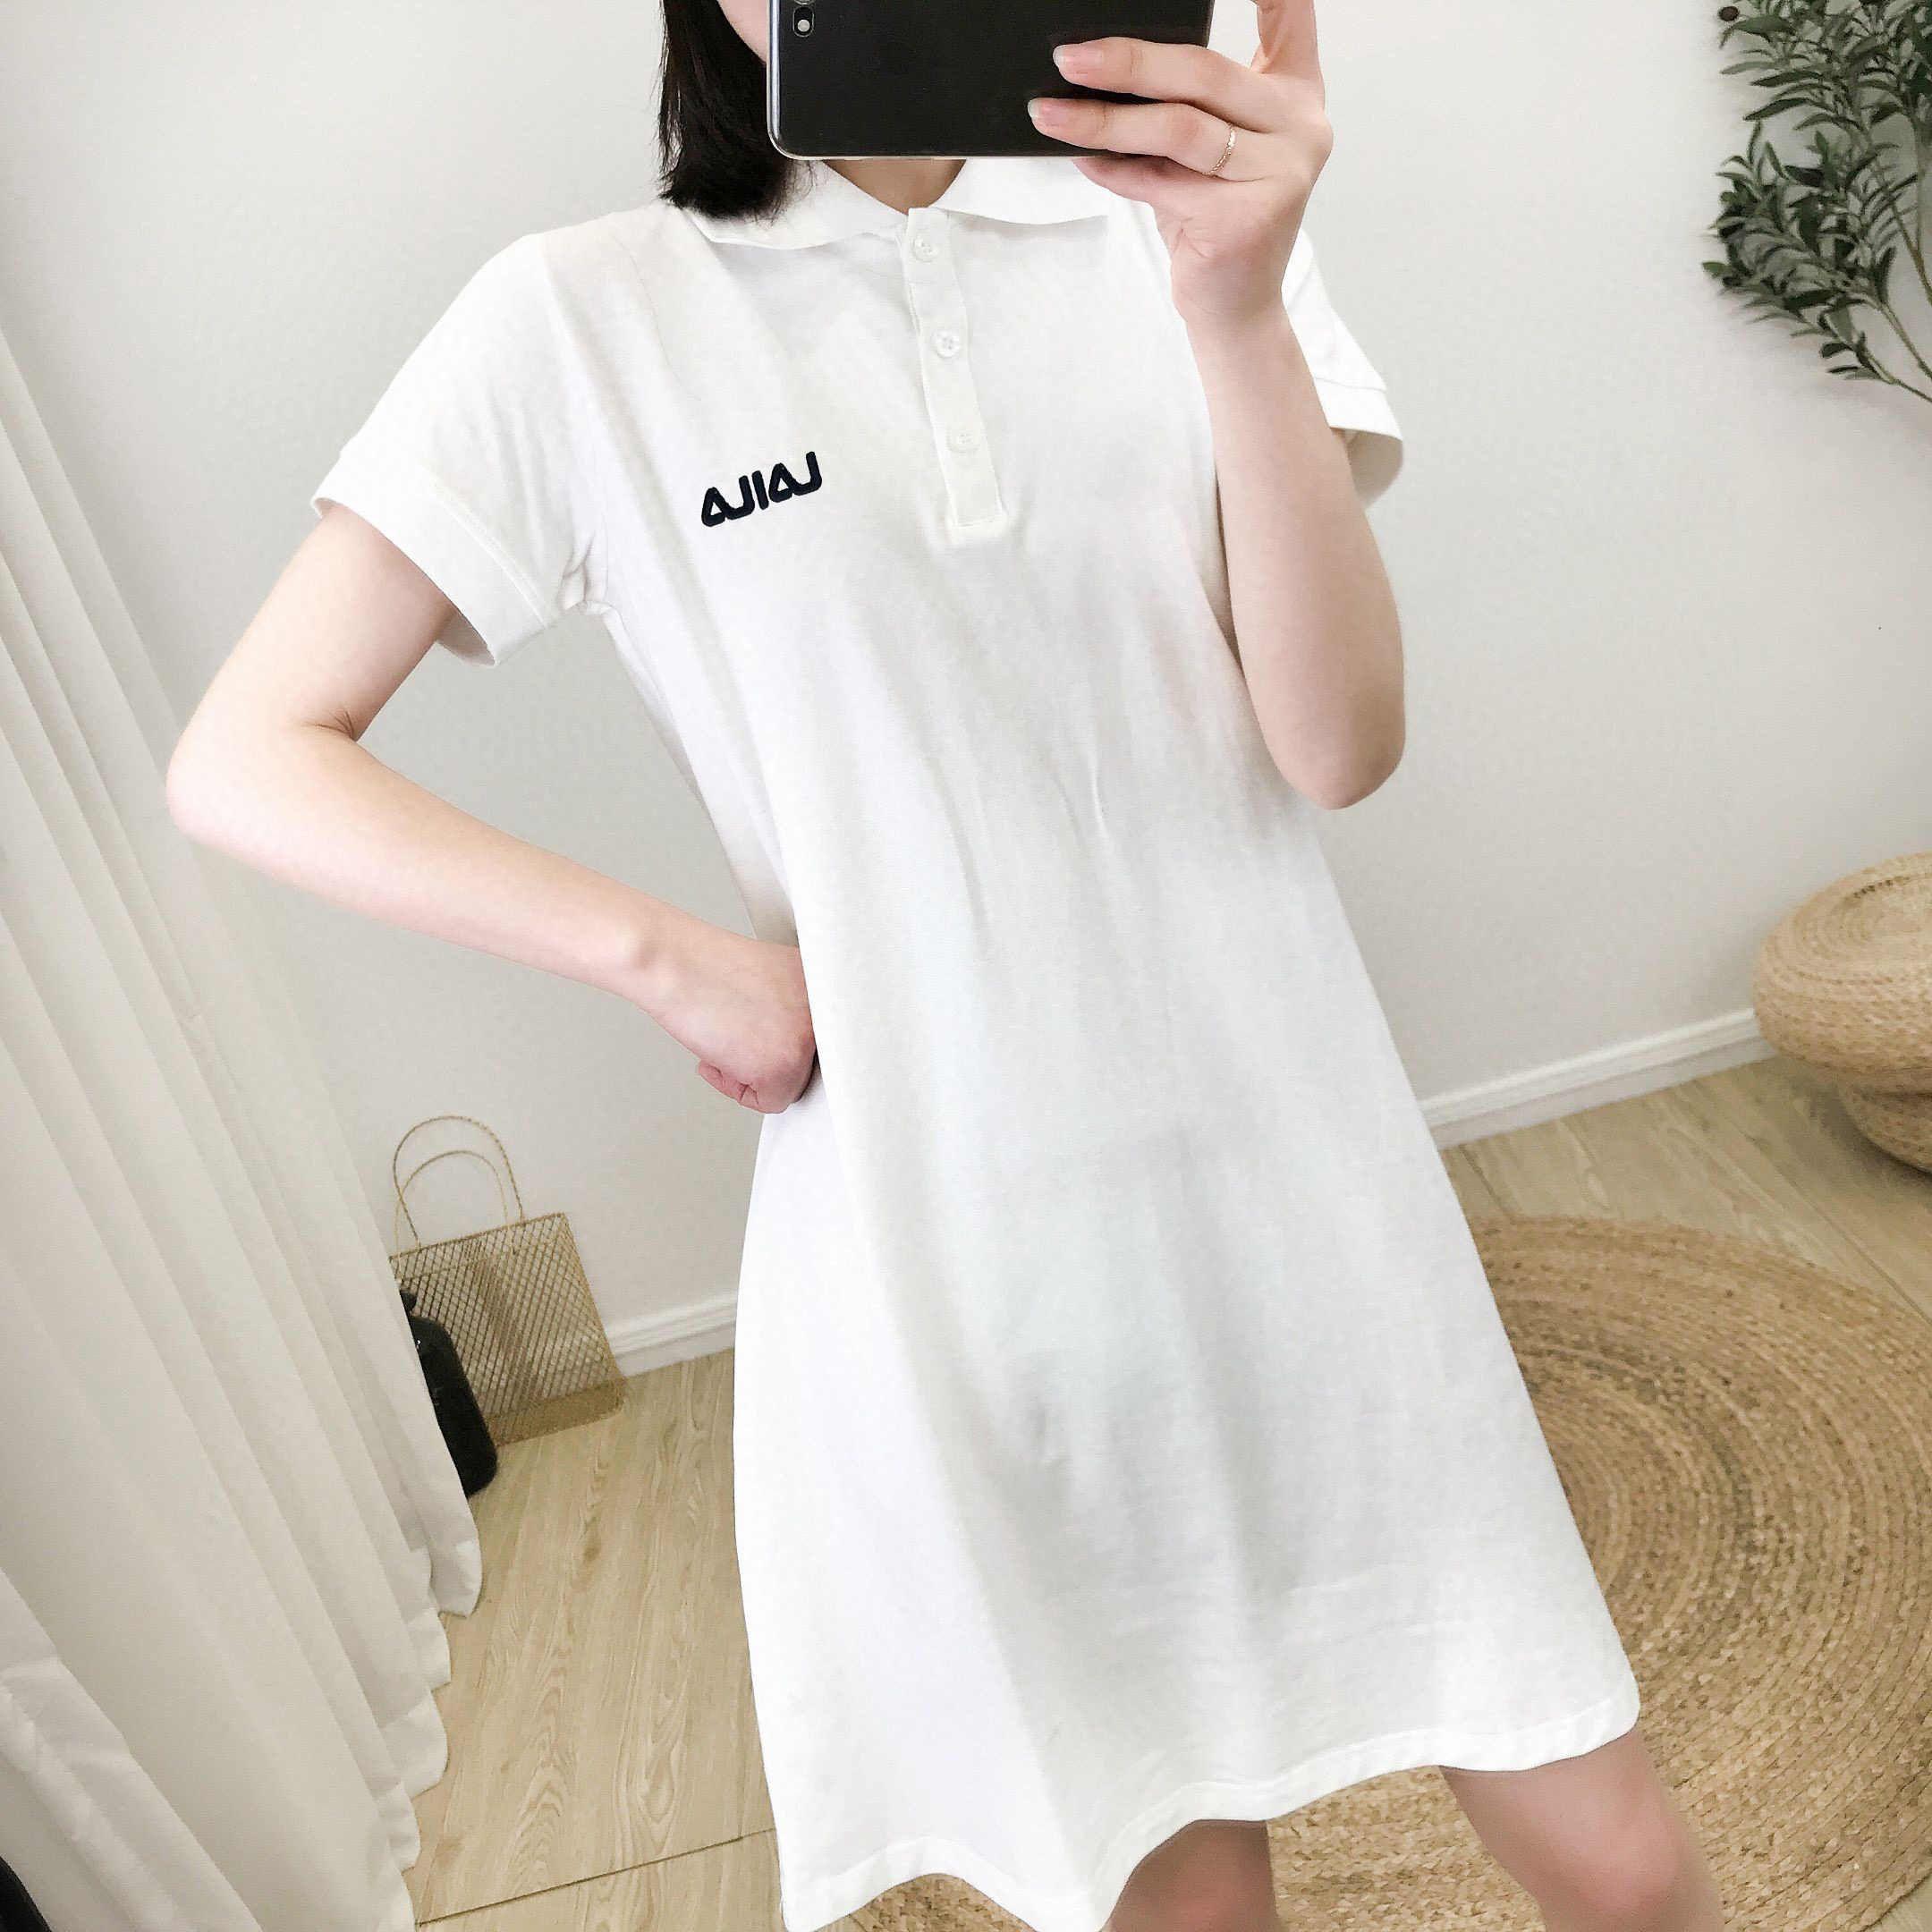 Designer Damen Polo-Kleider 2020 neue Ankunfts-Art- Sommer-Frauen-Marken-Hemden Kleid der beiläufigen Frauen Polos Kleider Größe M-XL YF203021